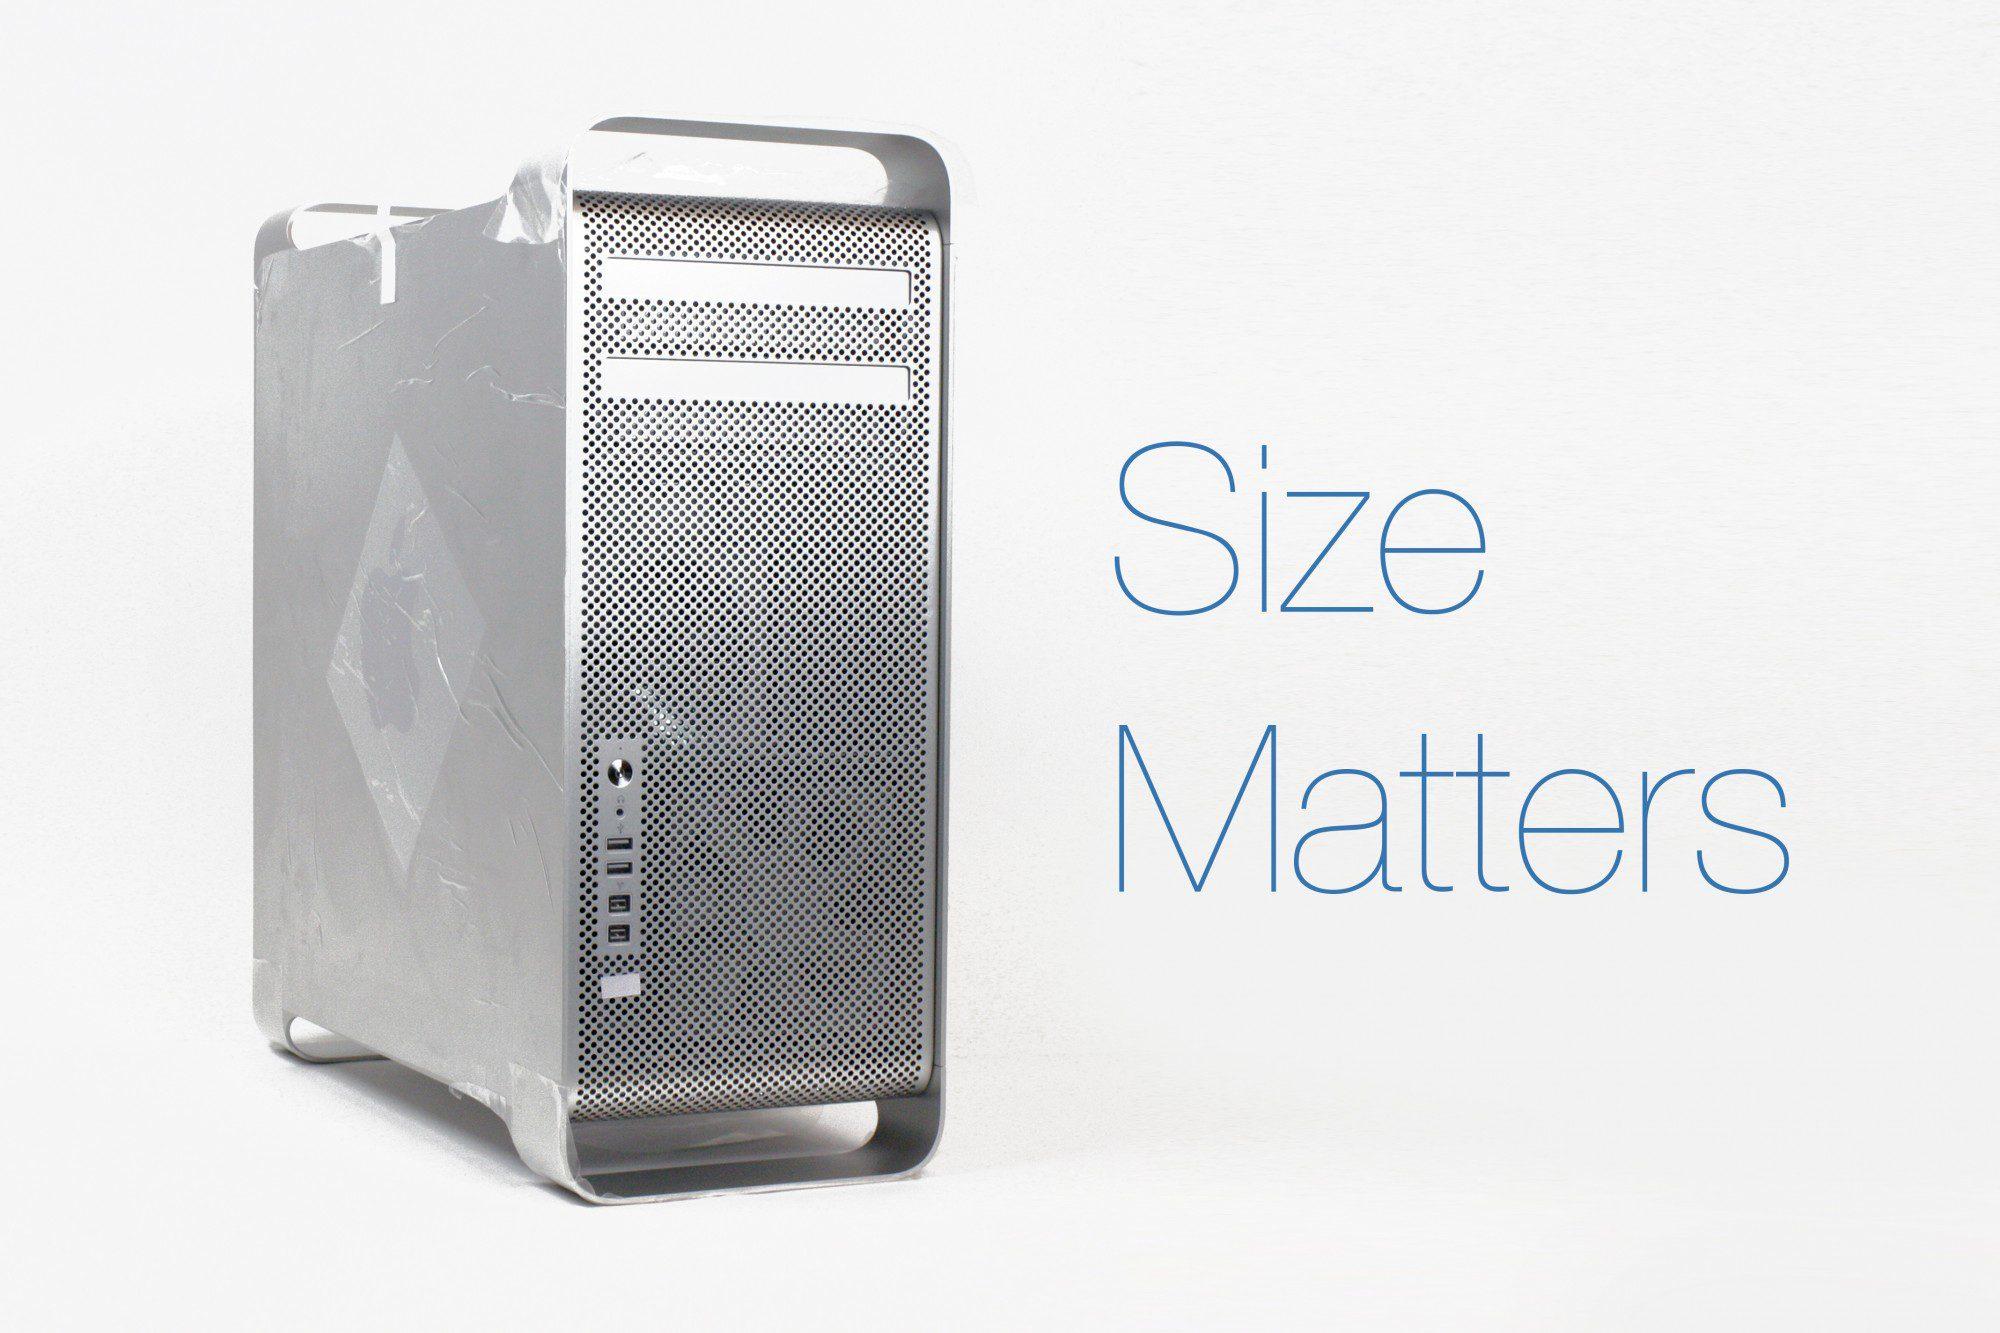 Size matters Mac Pro 5,1